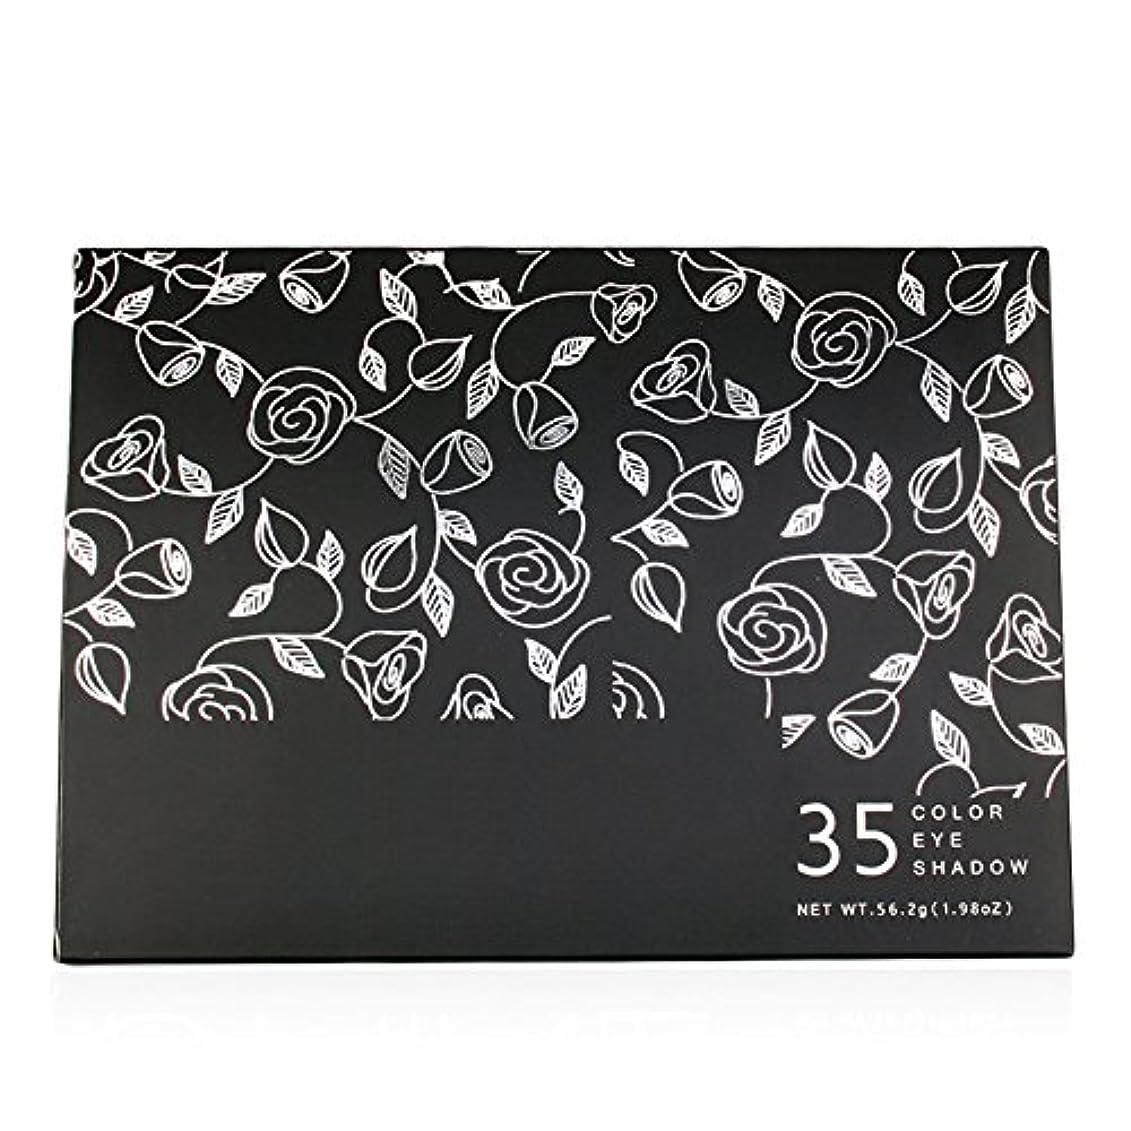 ヘルパー死現代Akane アイシャドウパレット 35HC 魅力的 ファッション 気質的 綺麗 花柄 高級 マット チャーム 長持ち つや消し おしゃれ 持ち便利 Eye Shadow (35色)